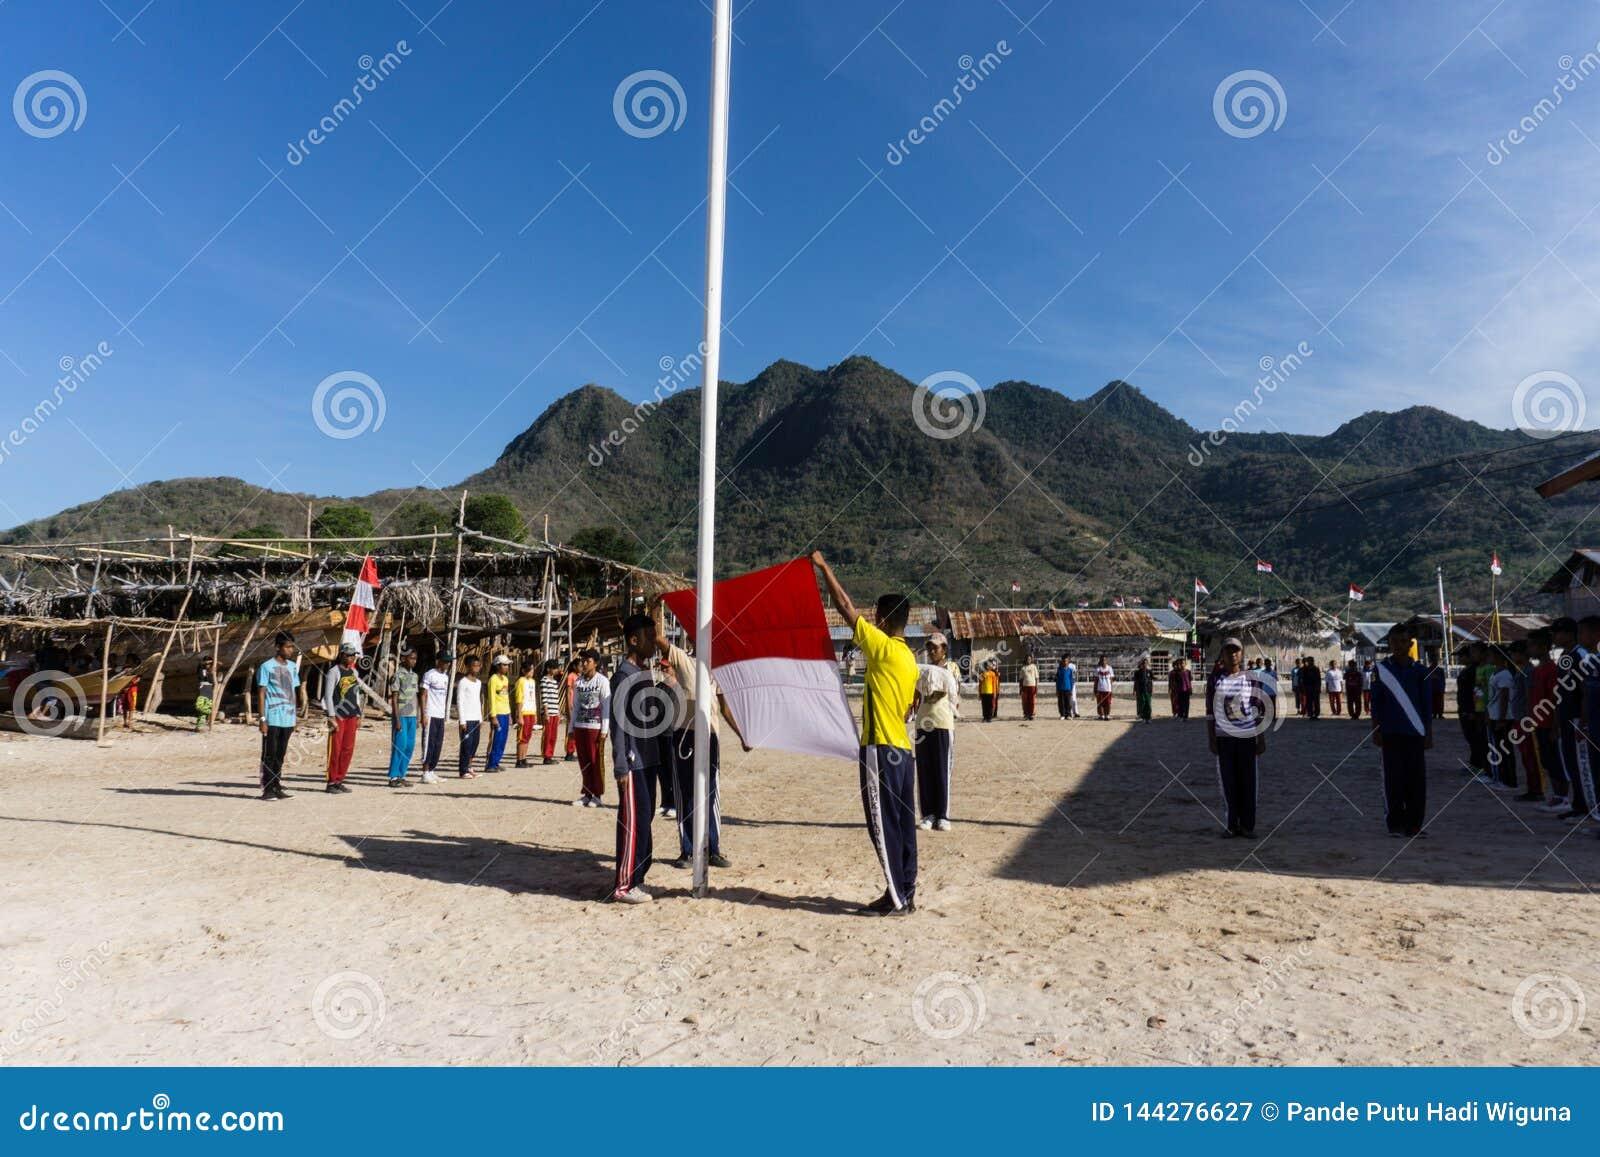 Tren del adolescente para el día independiente de Indonesia en la pequeña isla con la montaña en el fondo